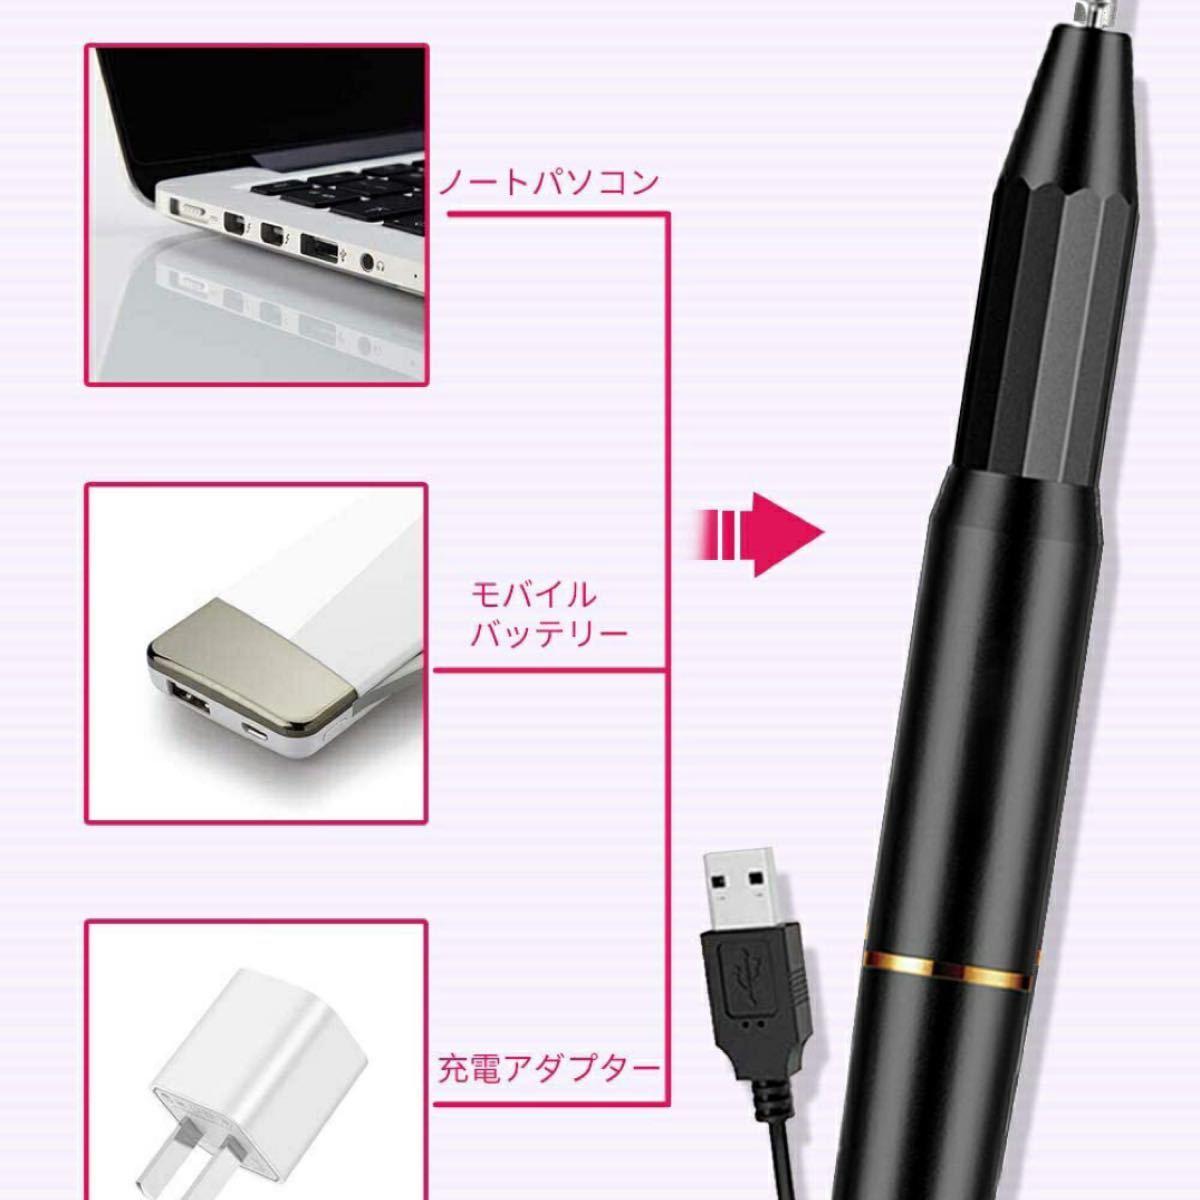 ネイルドリル 電動ネイルポリッシャー ブラック 付属品付き  甘皮処理 電動ネイルケア USB給電式 コンパクト